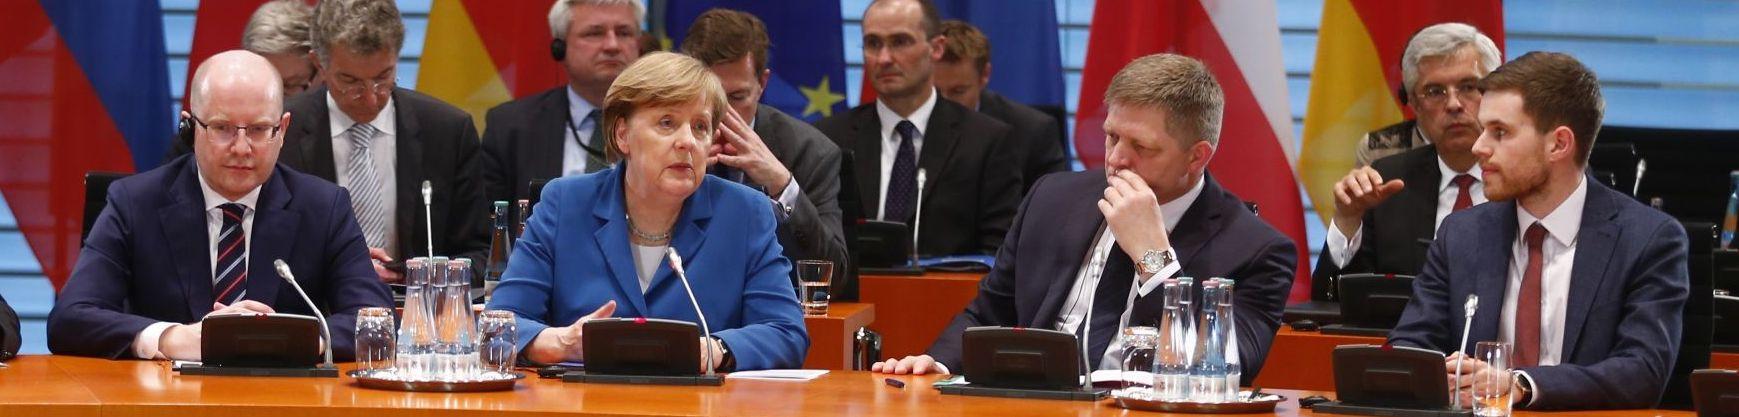 Merkel mujeres en la politica